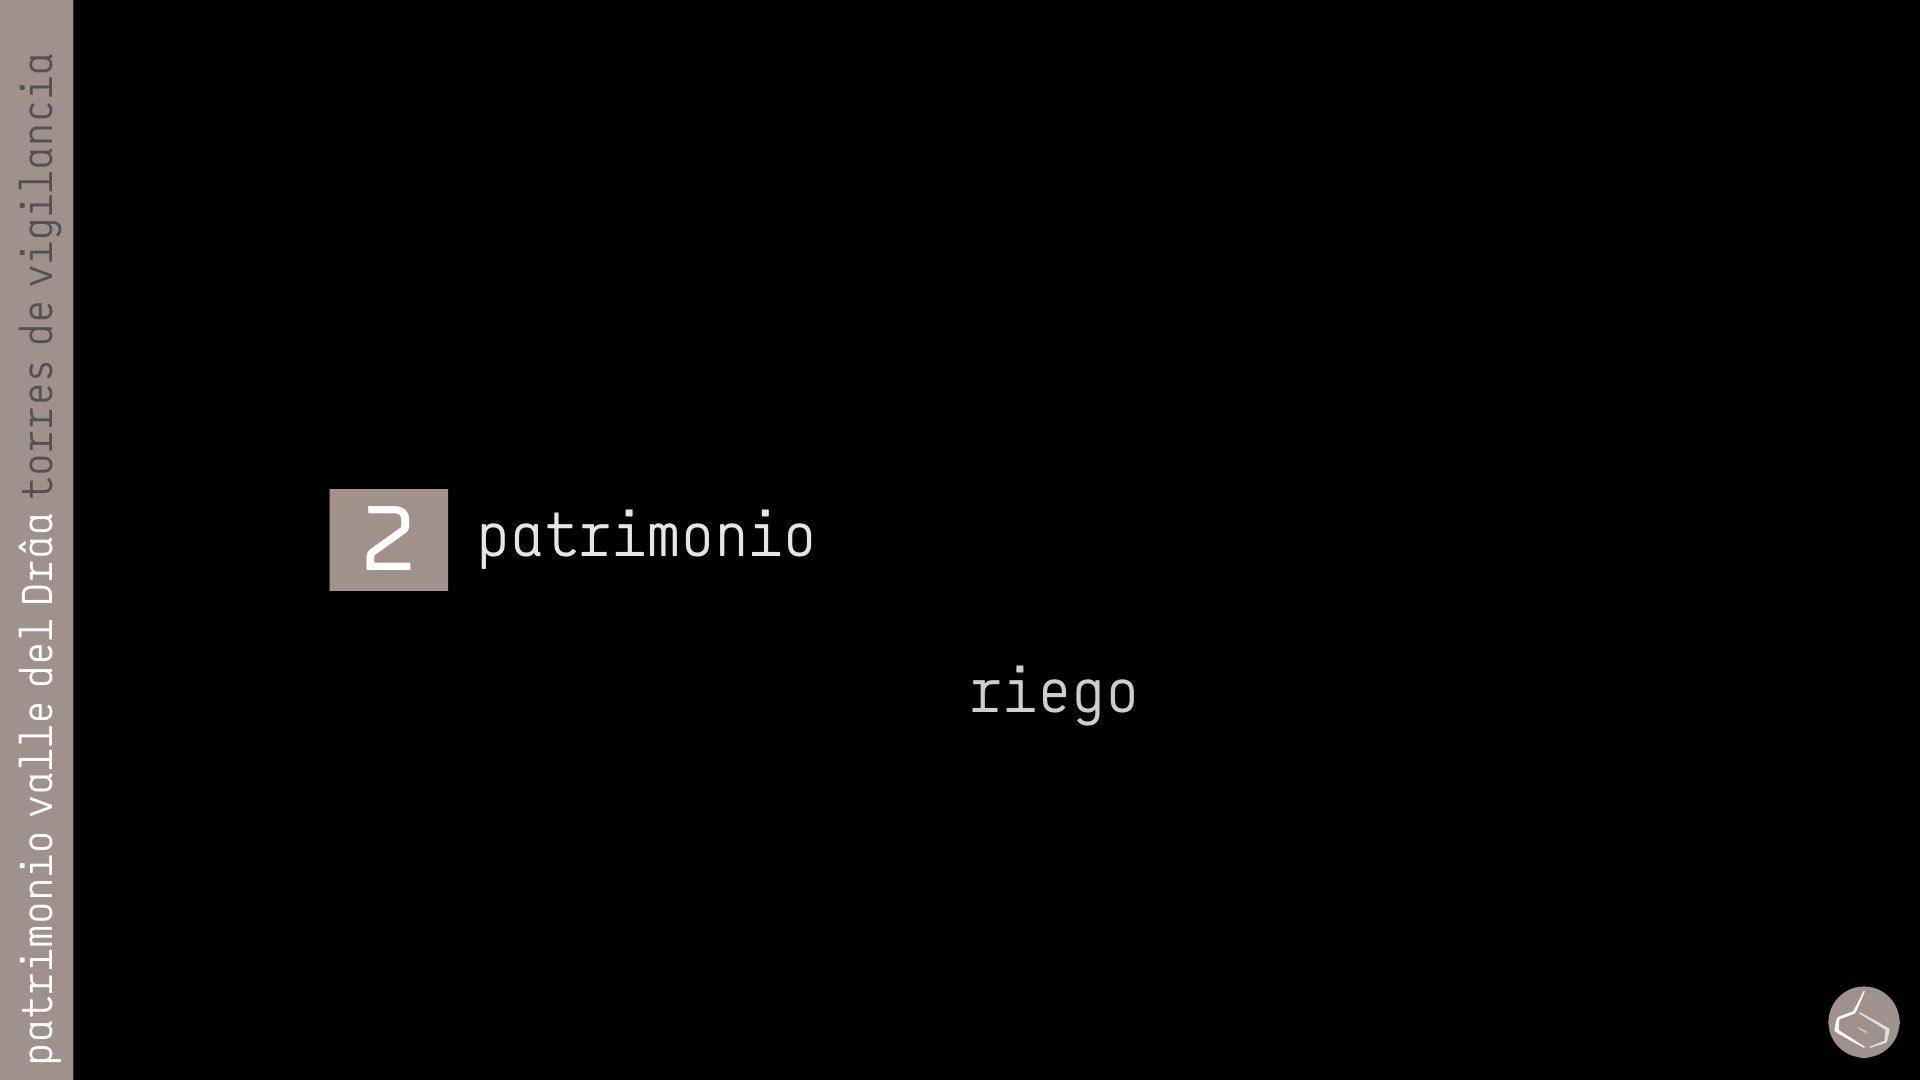 PLANO GUIA PATRIMONIO ZAGORA.193.jpeg